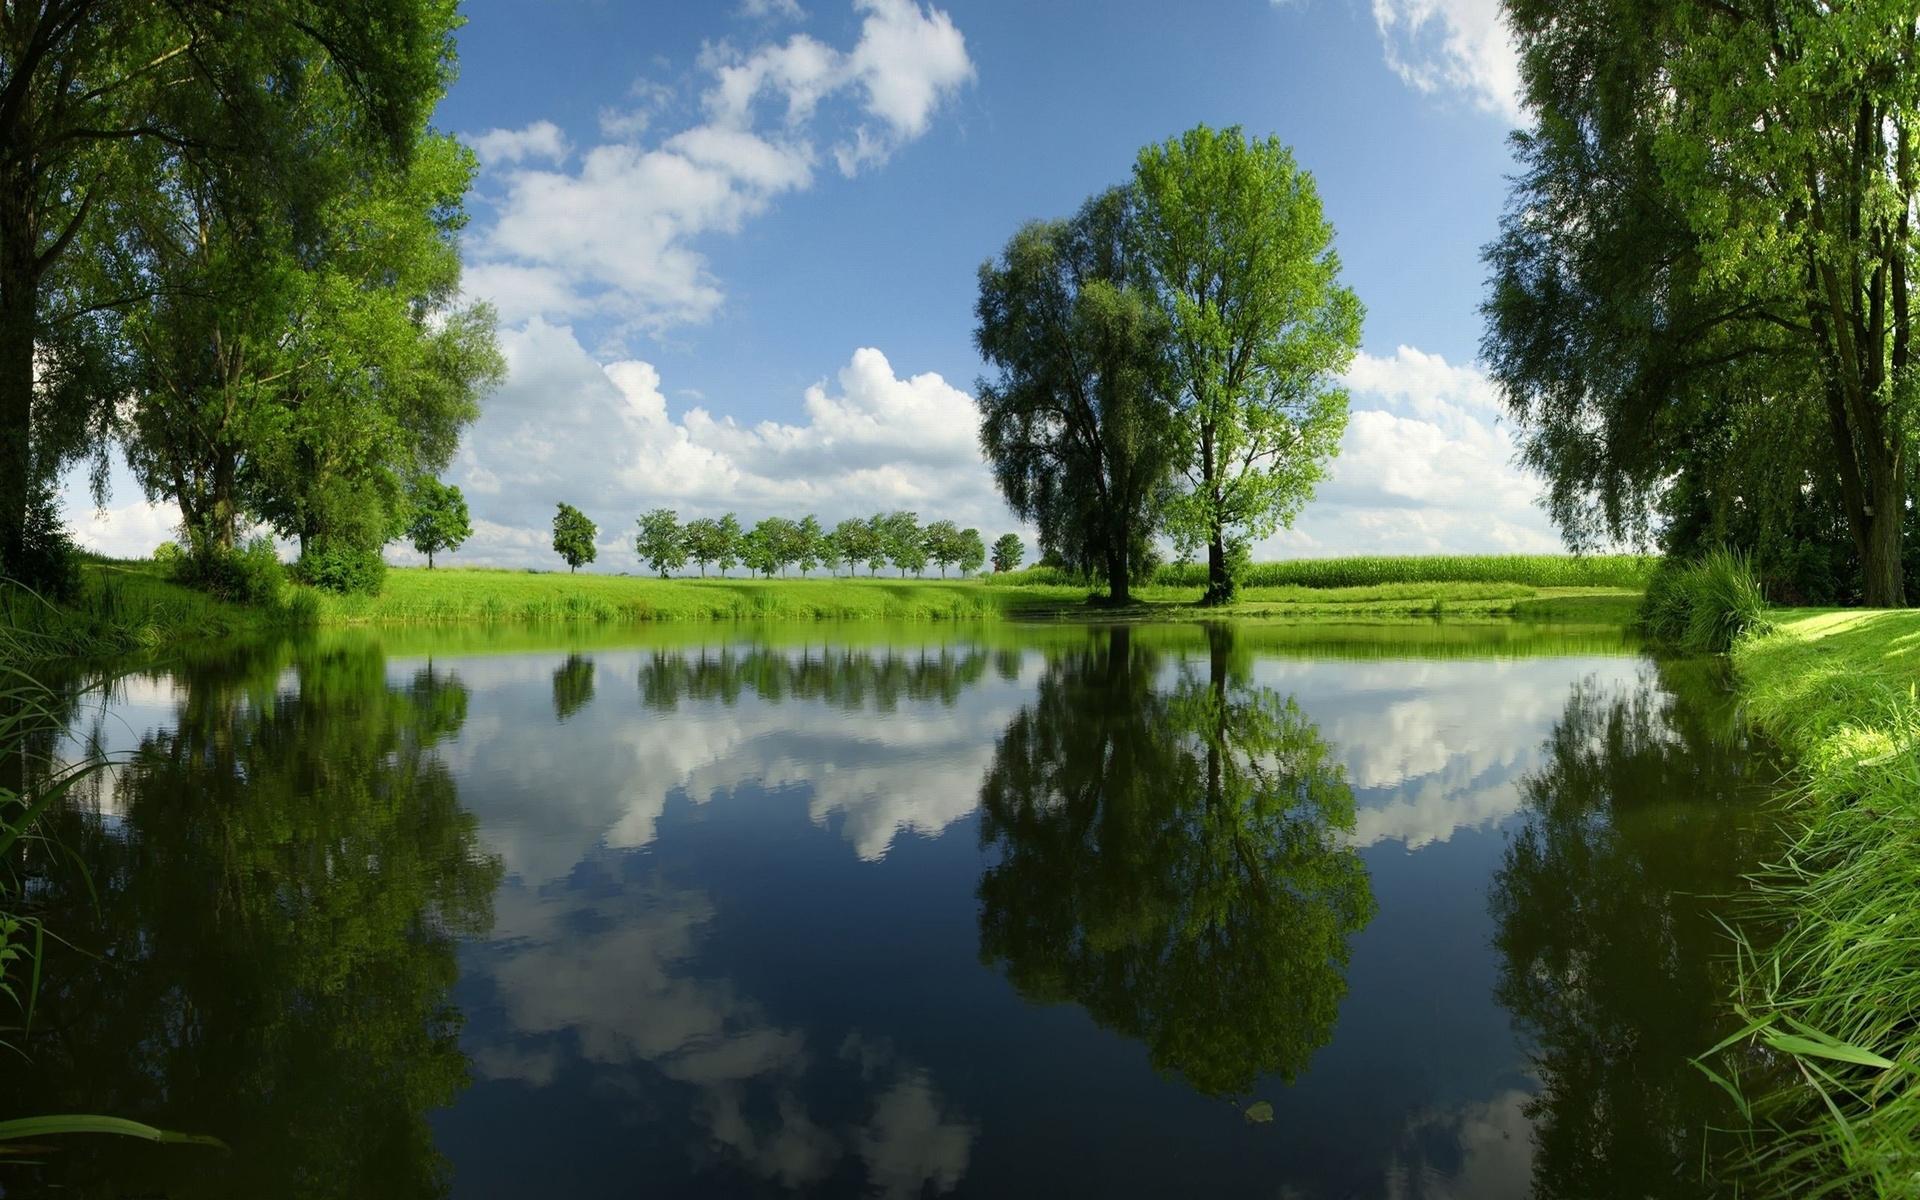 началось картинка поле лес и речка способа носить самый